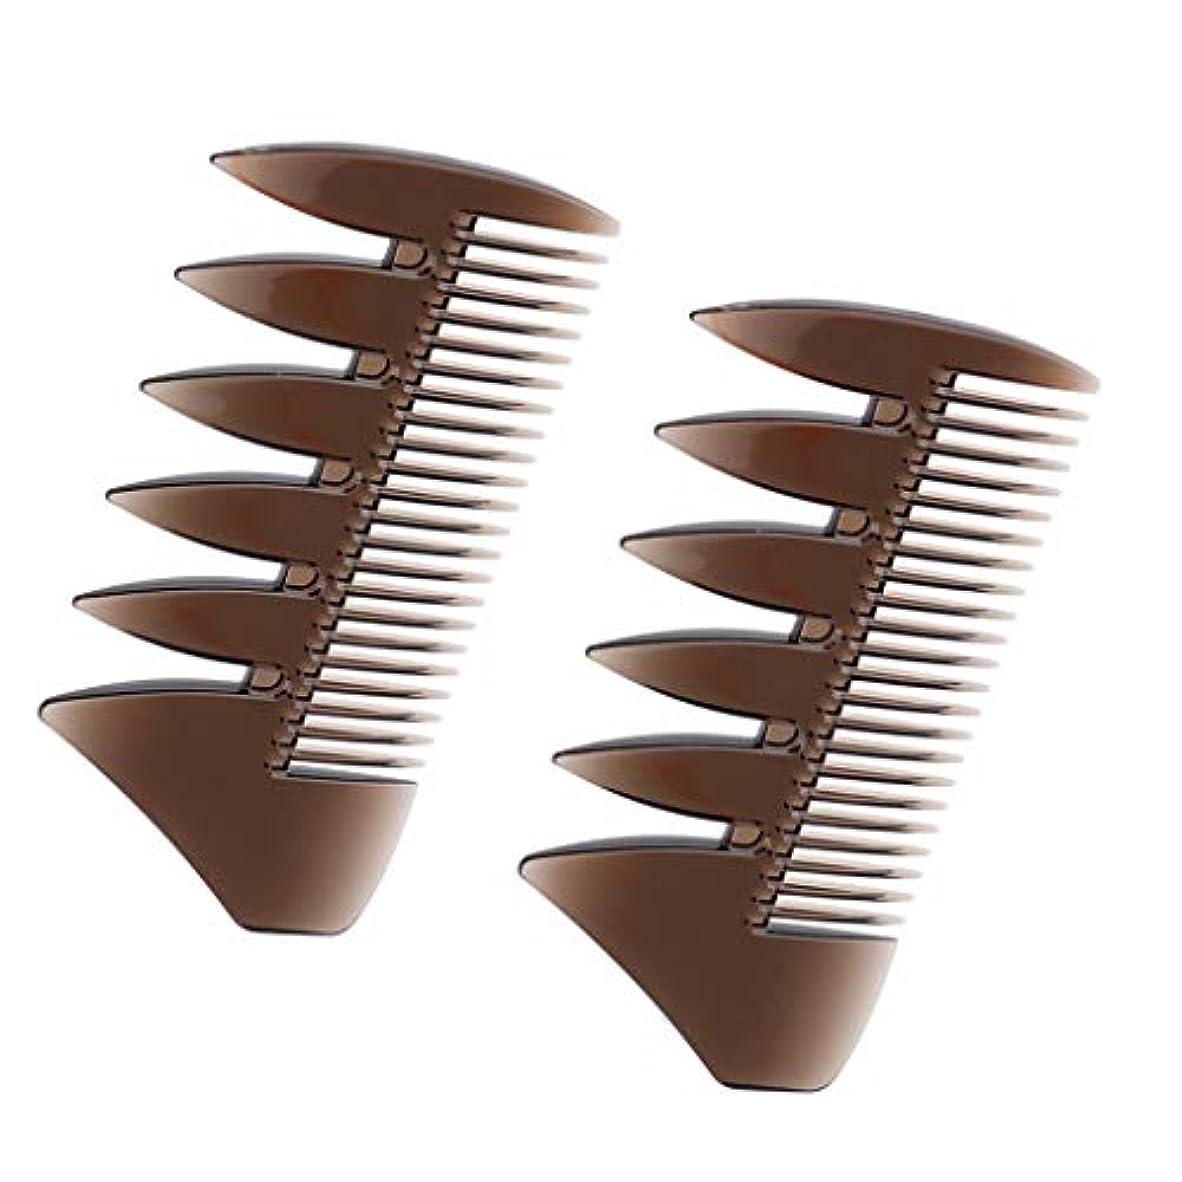 貯水池秘密のグラディスヘアコンビ デュアルサイド メンズ 髪櫛 ヘアサロン ヘアスタイリング 散髪店/美容院専用櫛2個入